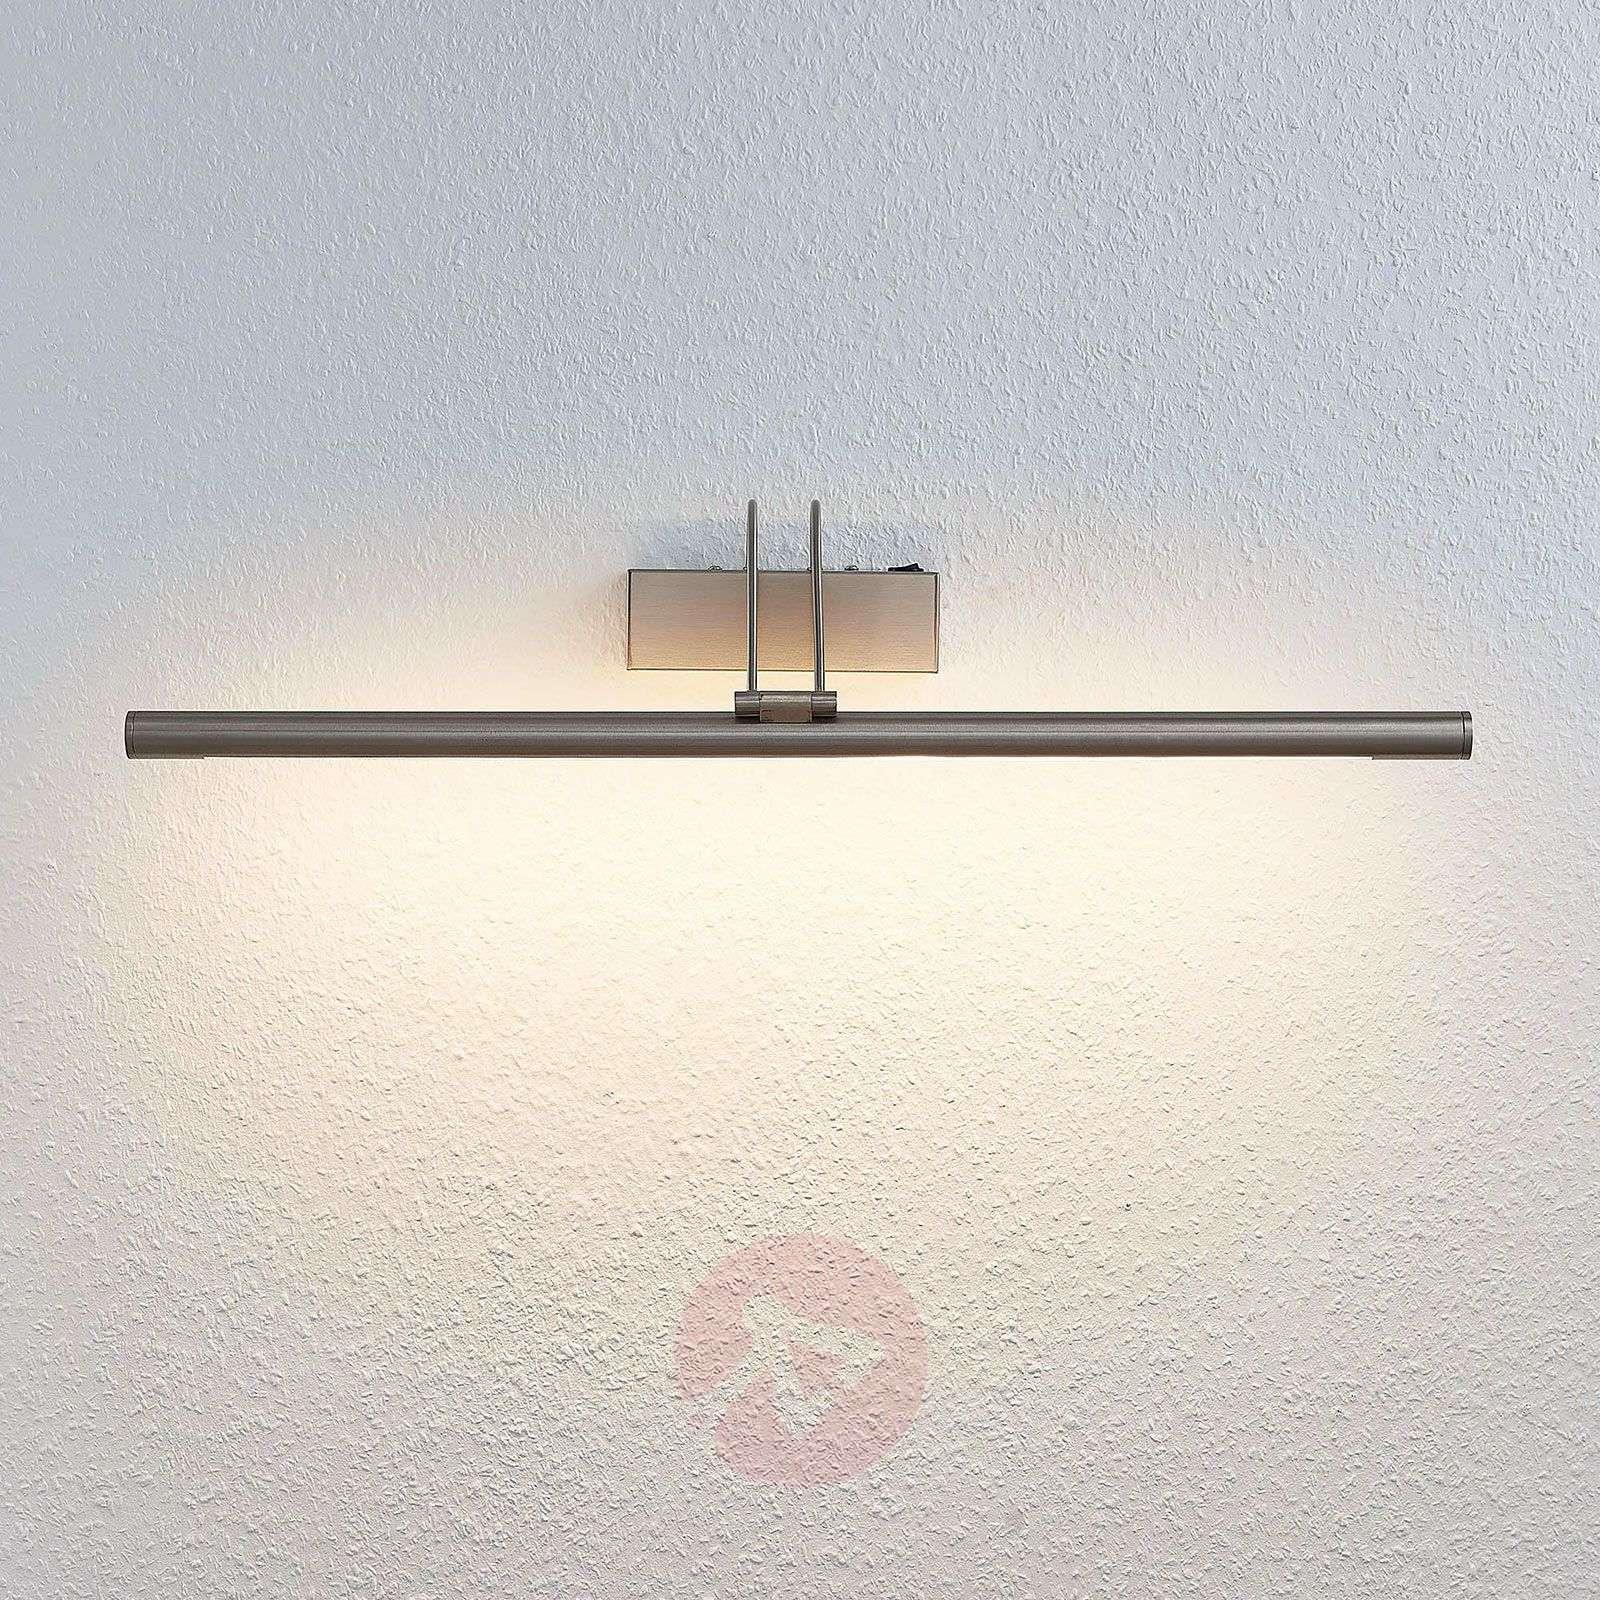 LED-tauluvalaisin Mailine kytkimellä, nikkeli-9624434-02